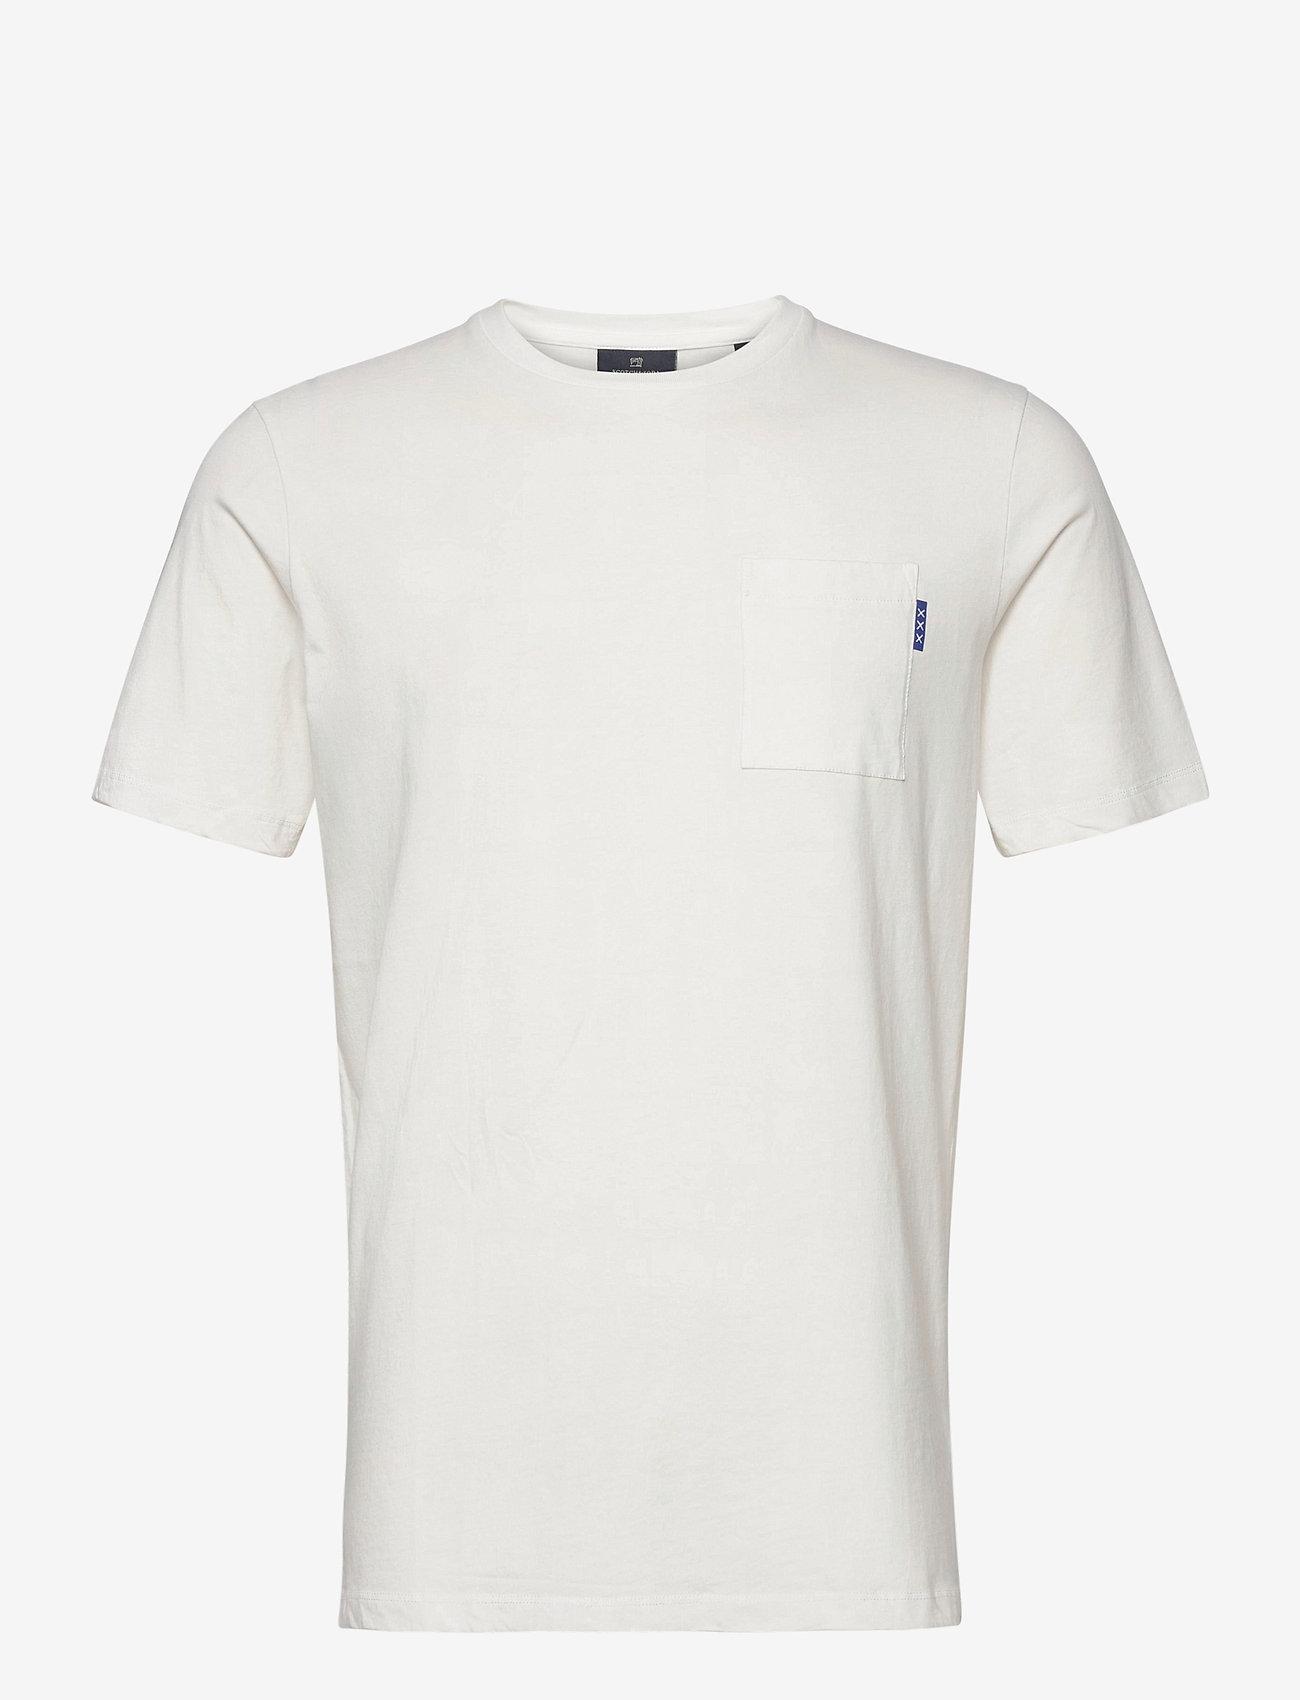 Scotch & Soda - Fabric dyed pocket tee - basic t-shirts - off white - 0